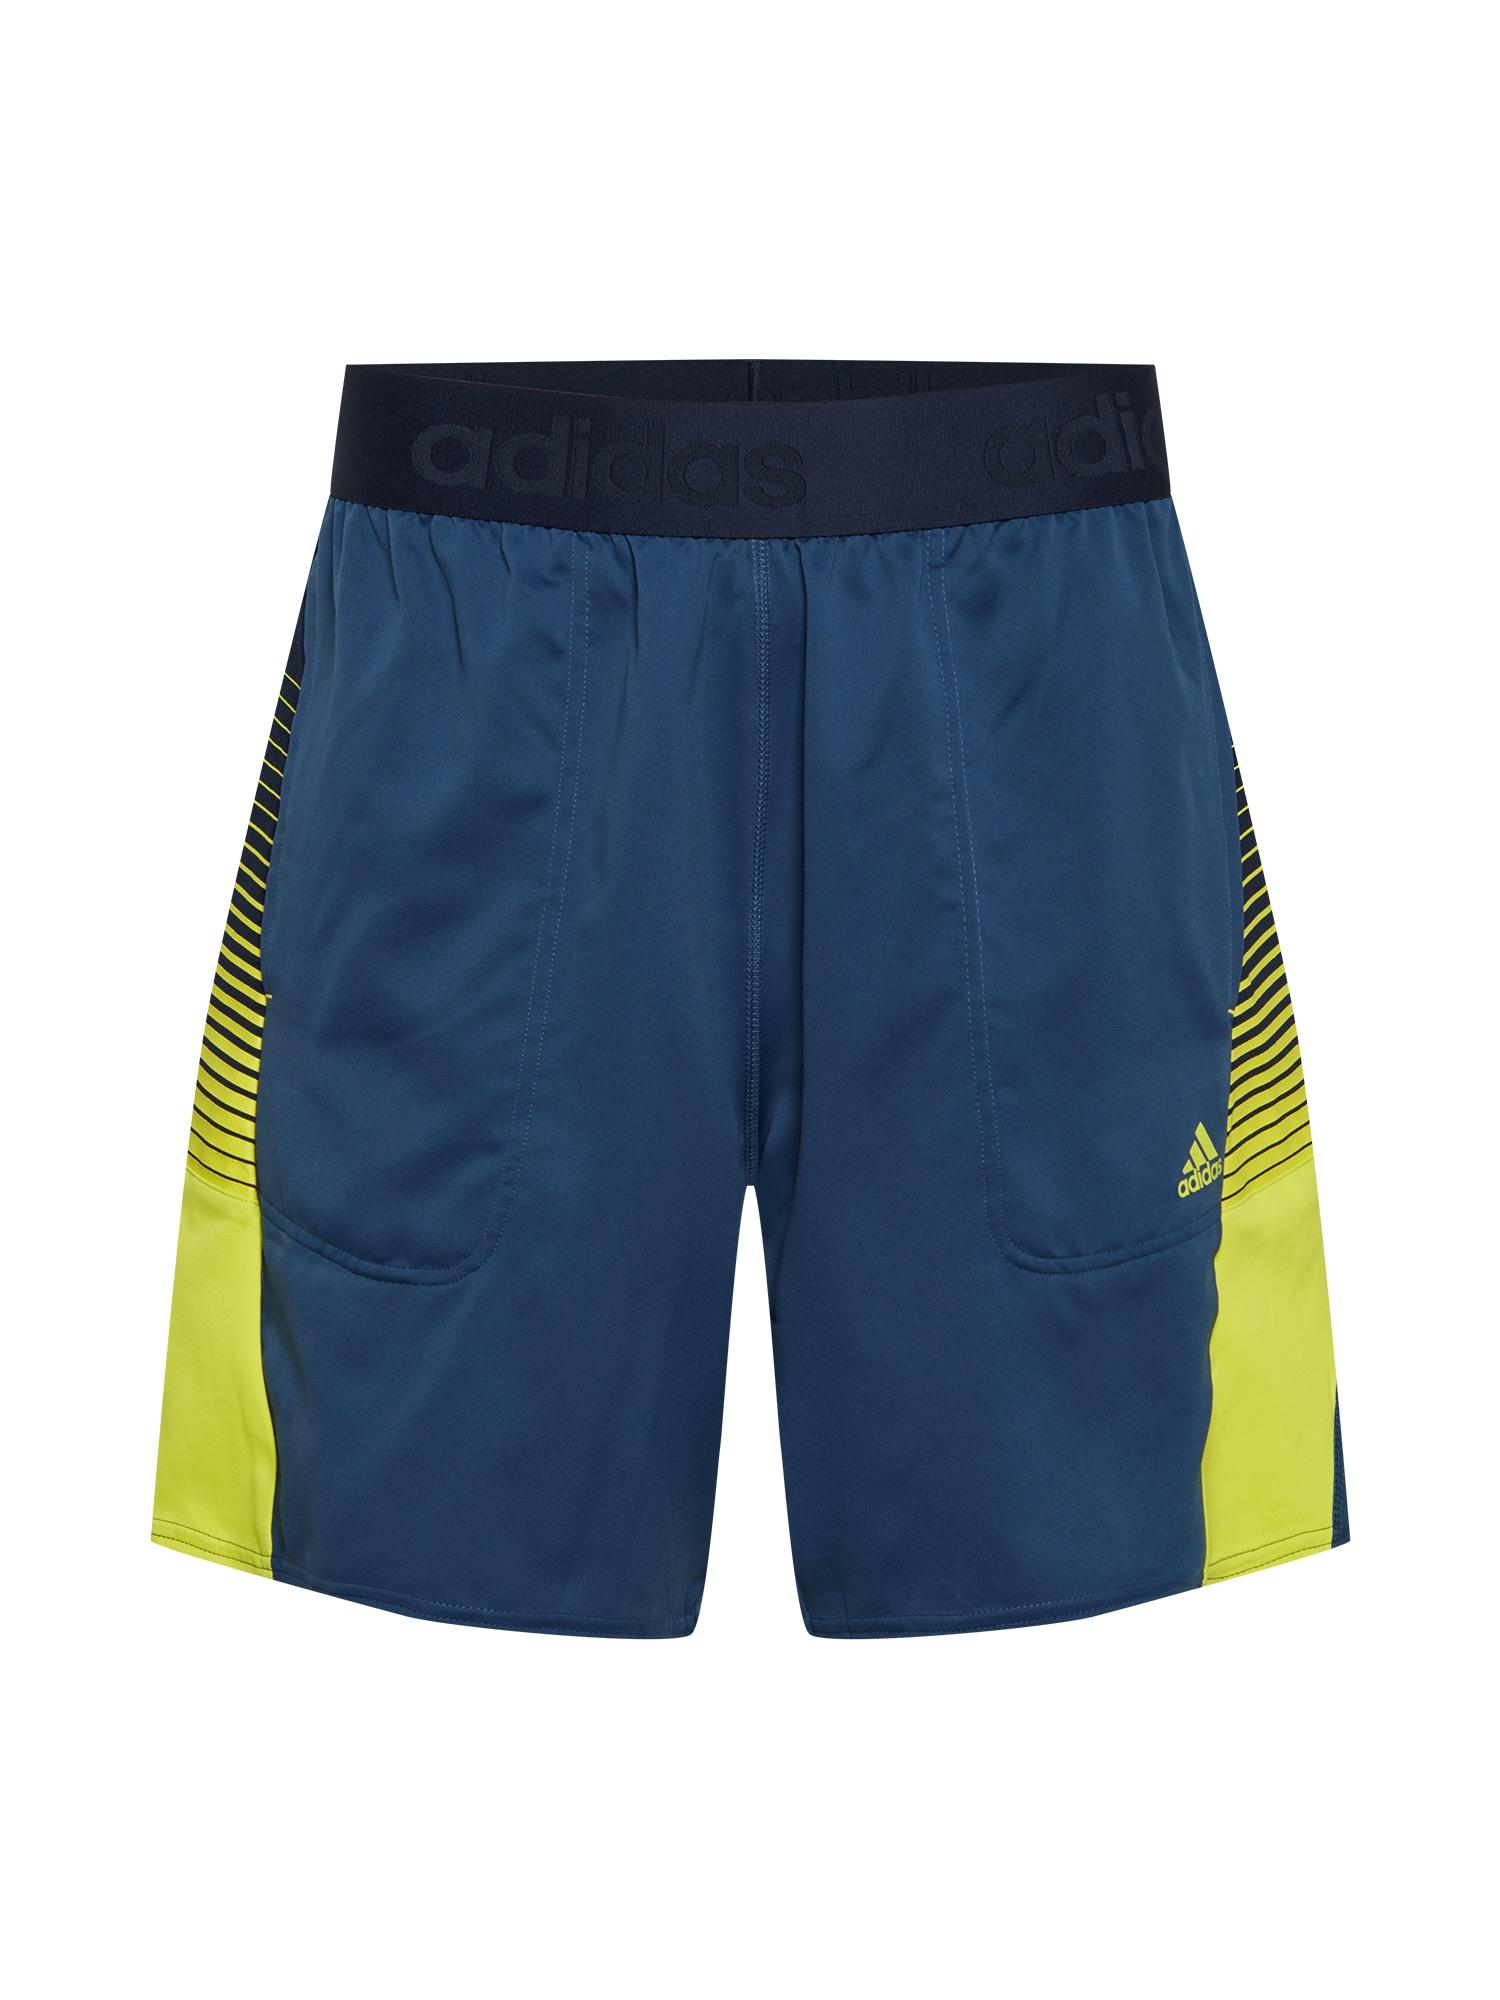 ADIDAS PERFORMANCE Sportinės kelnės tamsiai mėlyna / tamsiai mėlyna / geltona / balta